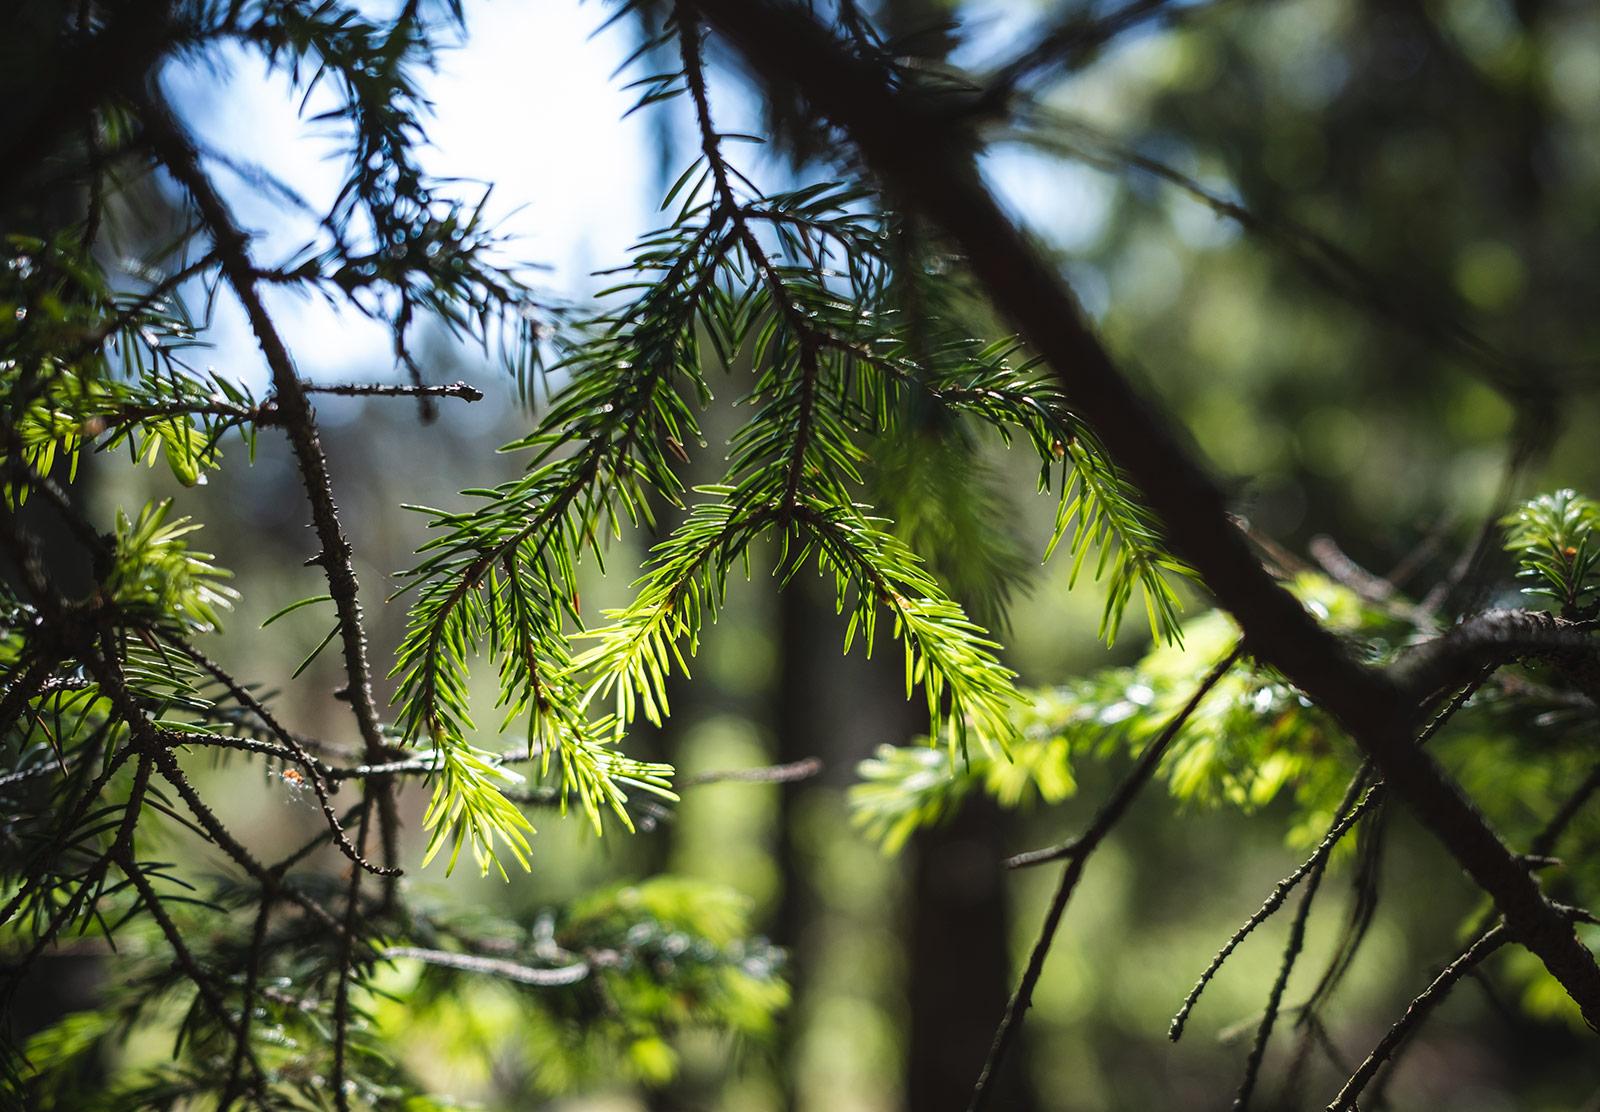 Spruce in the sun